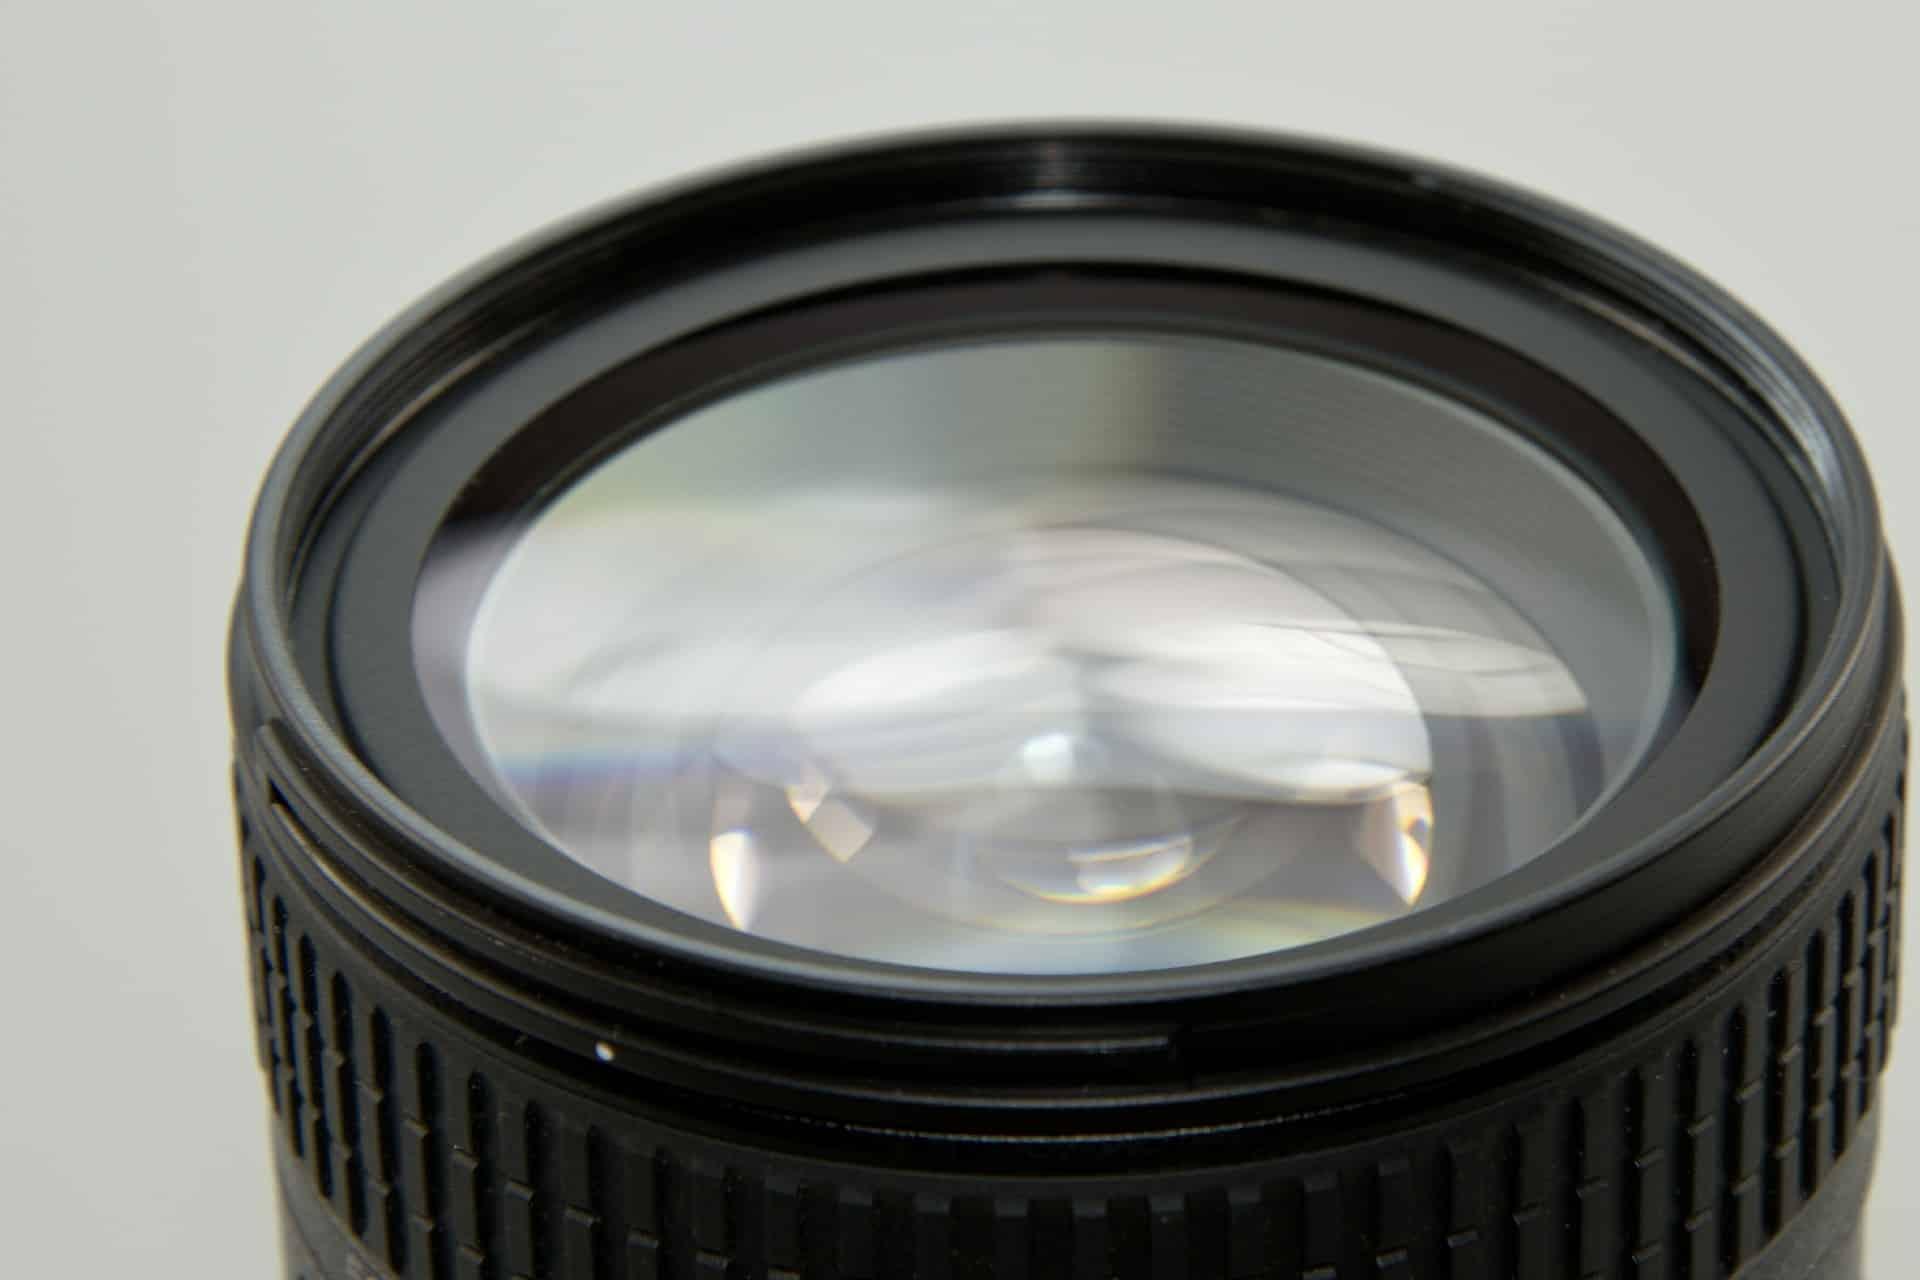 Makro Objektiv: Test & Empfehlungen (04/20)